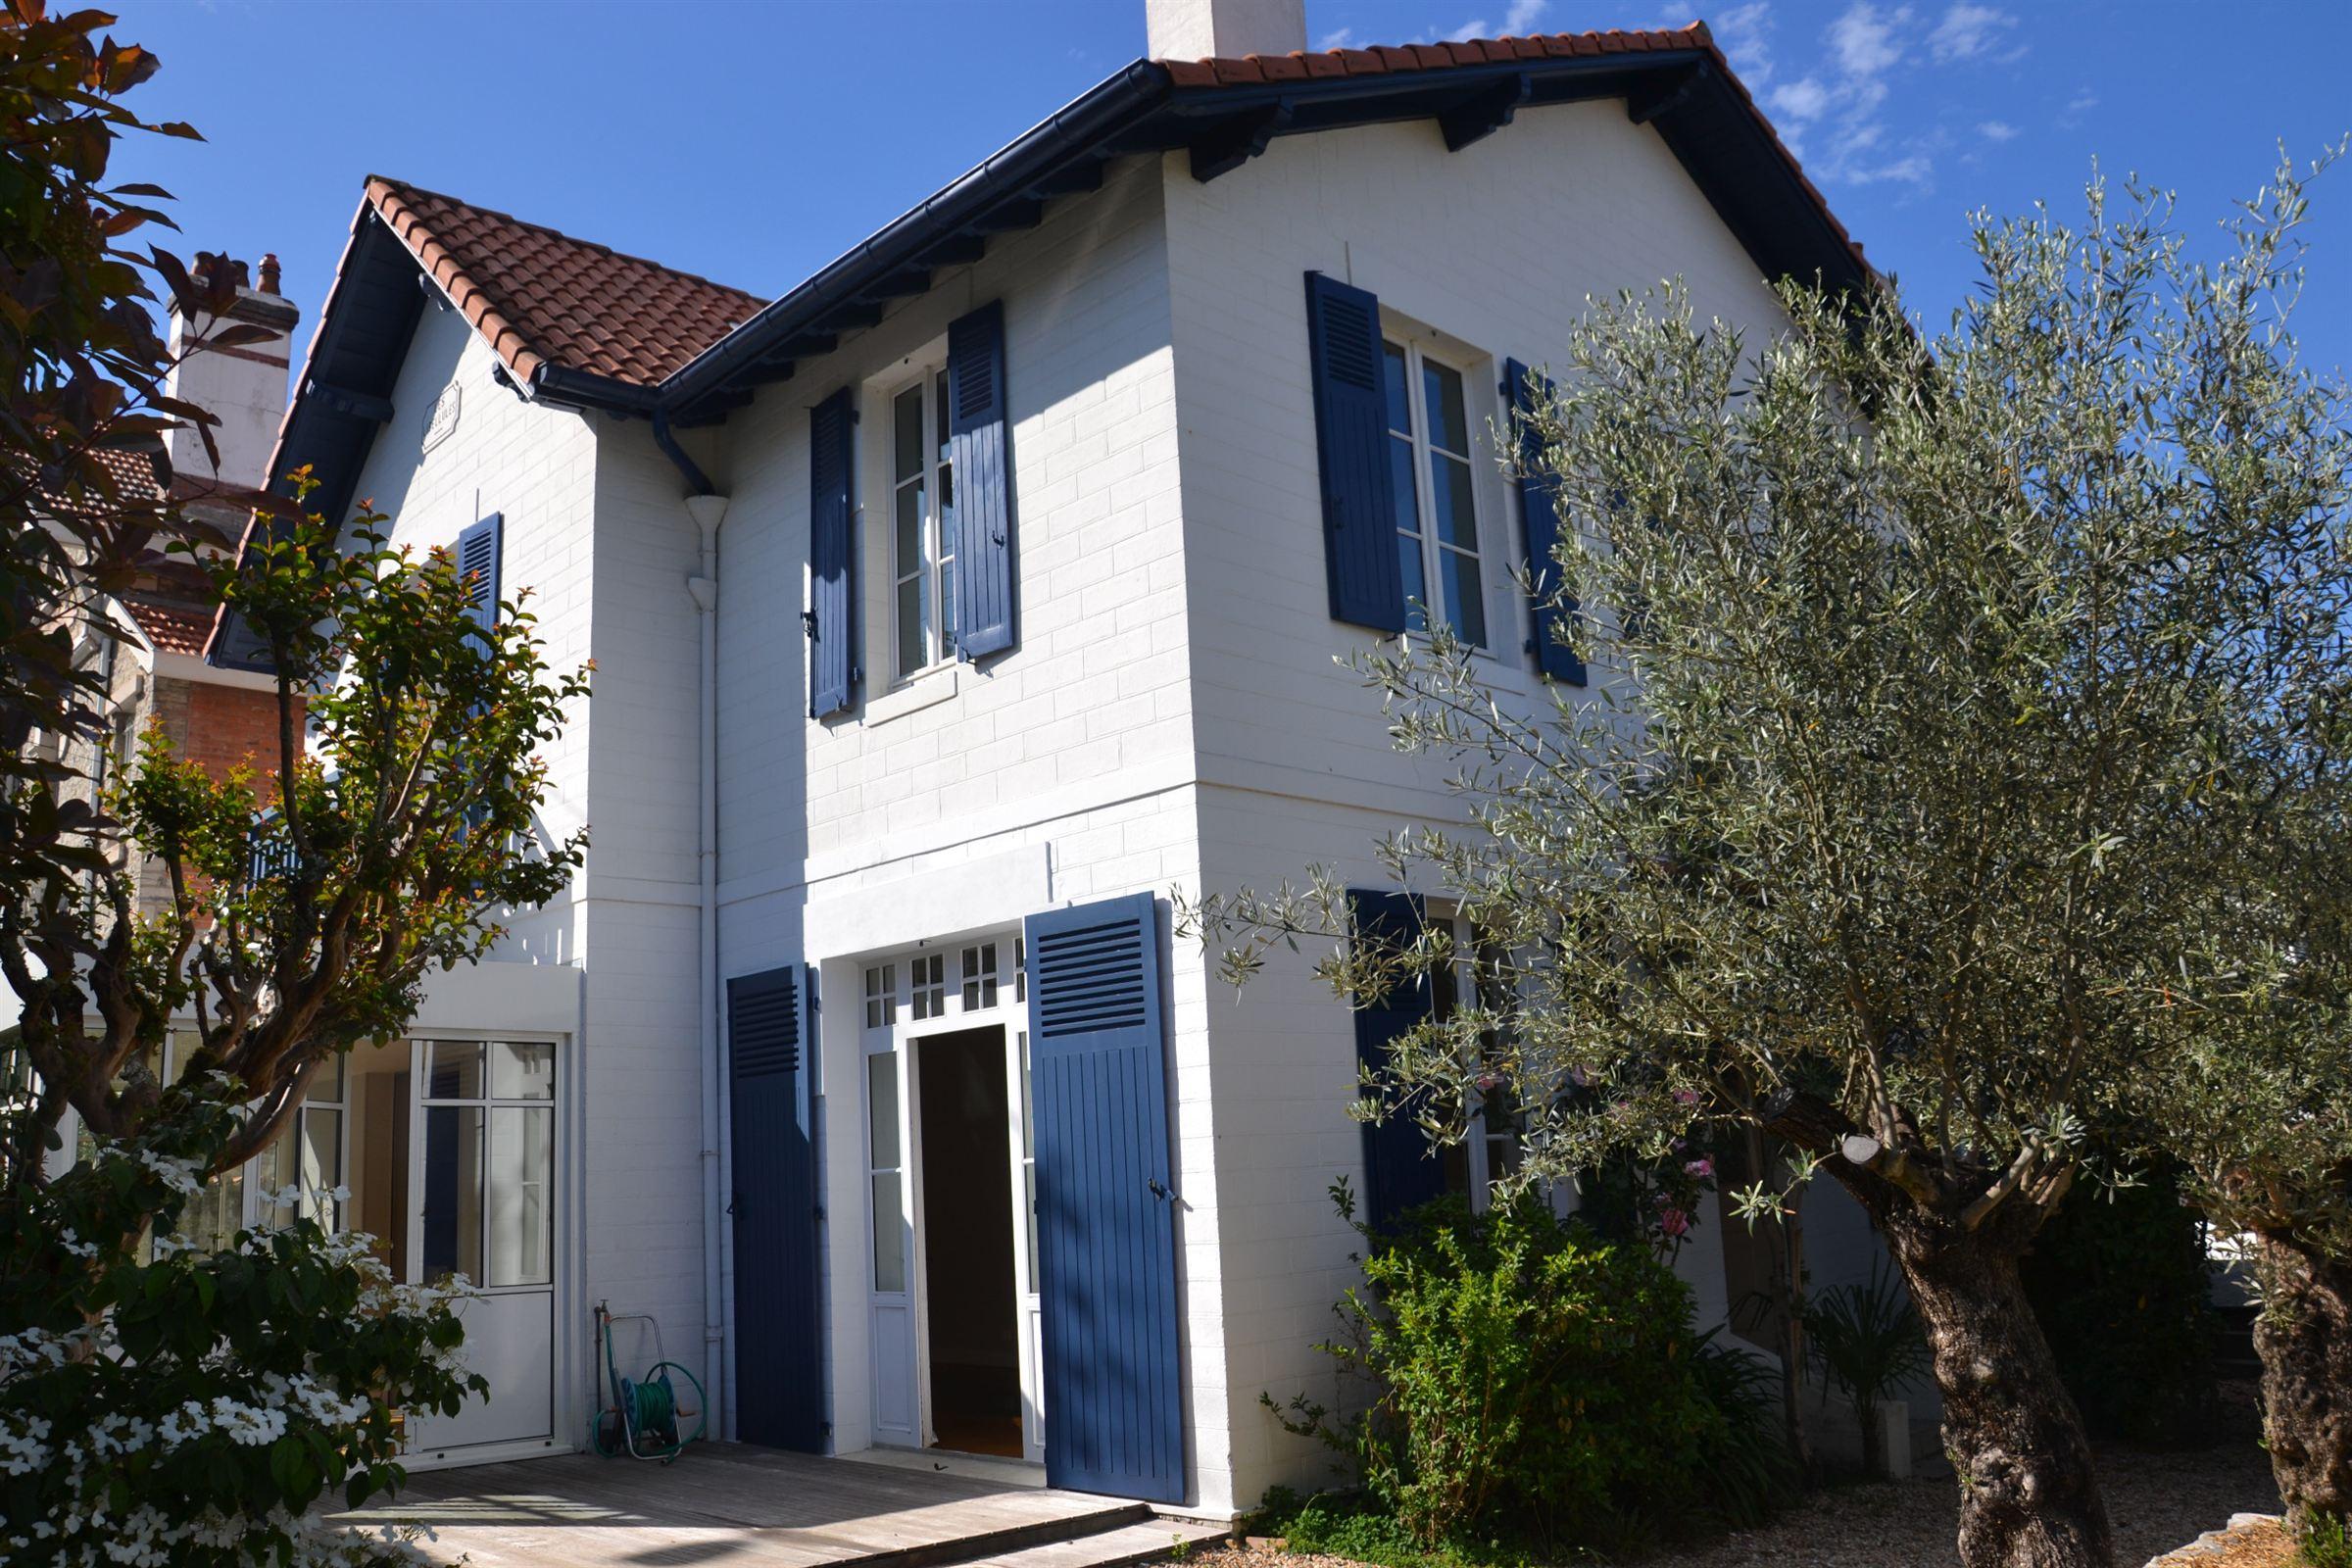 Property For Sale at BIARRITZ LE PARC D'HIVER